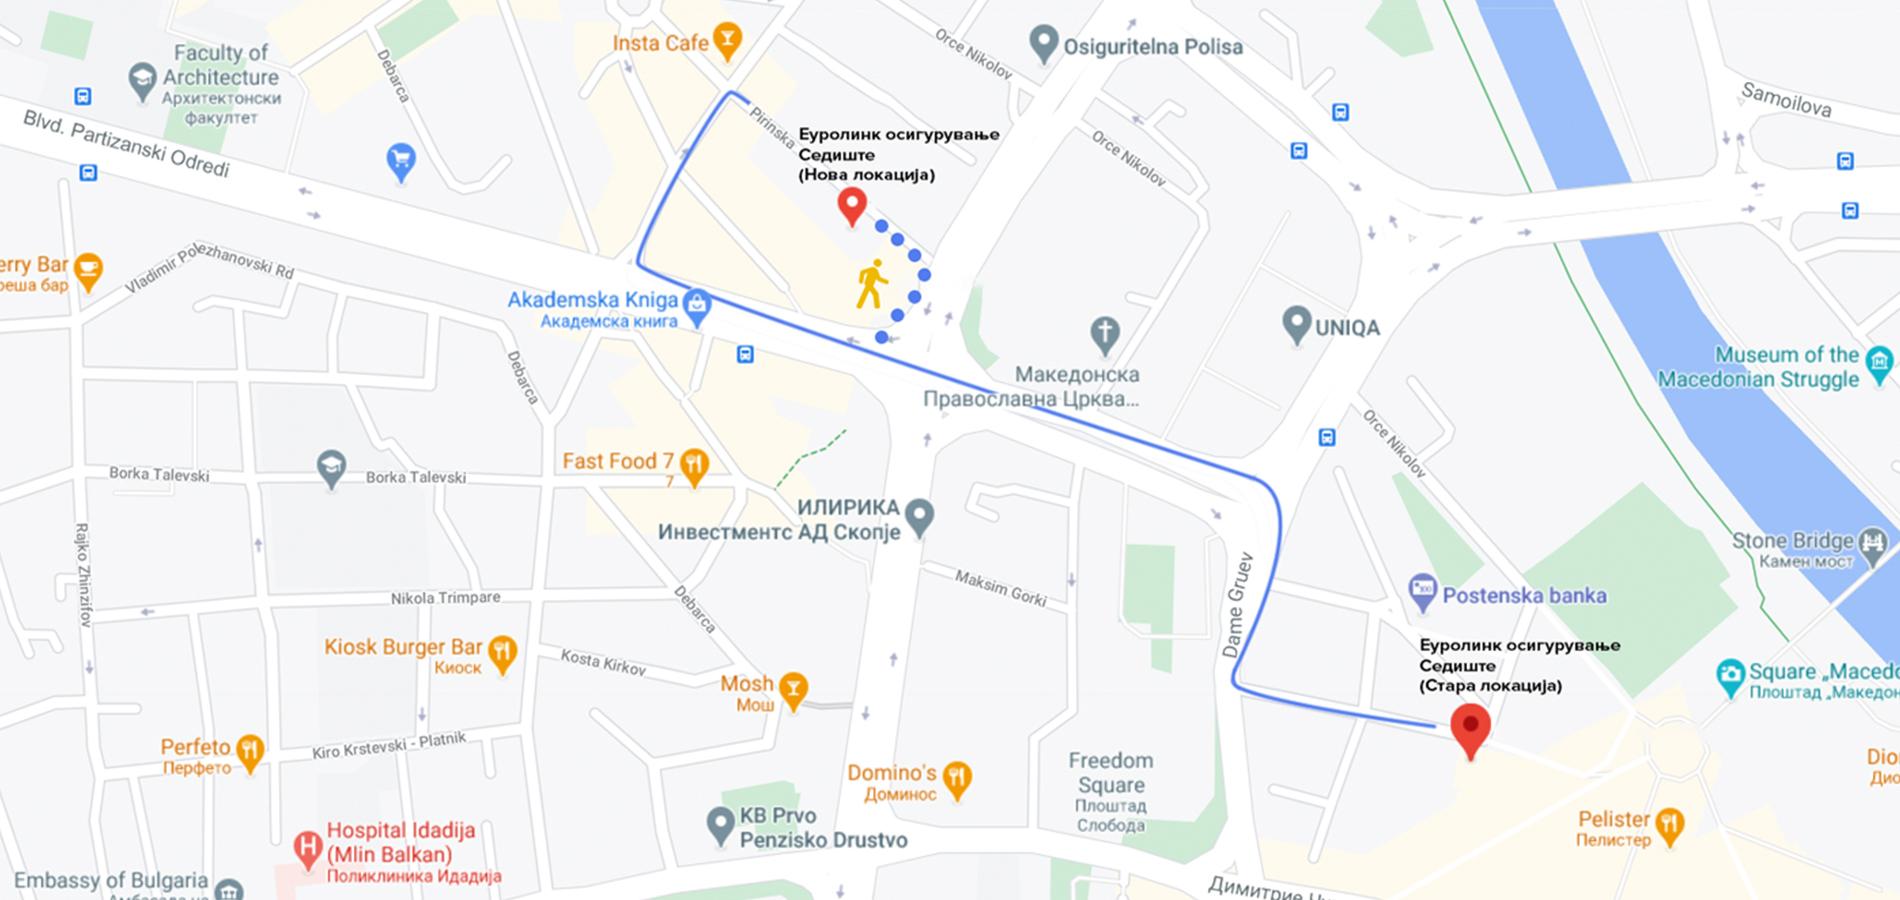 eurolink osiguruvanje nova lokacija